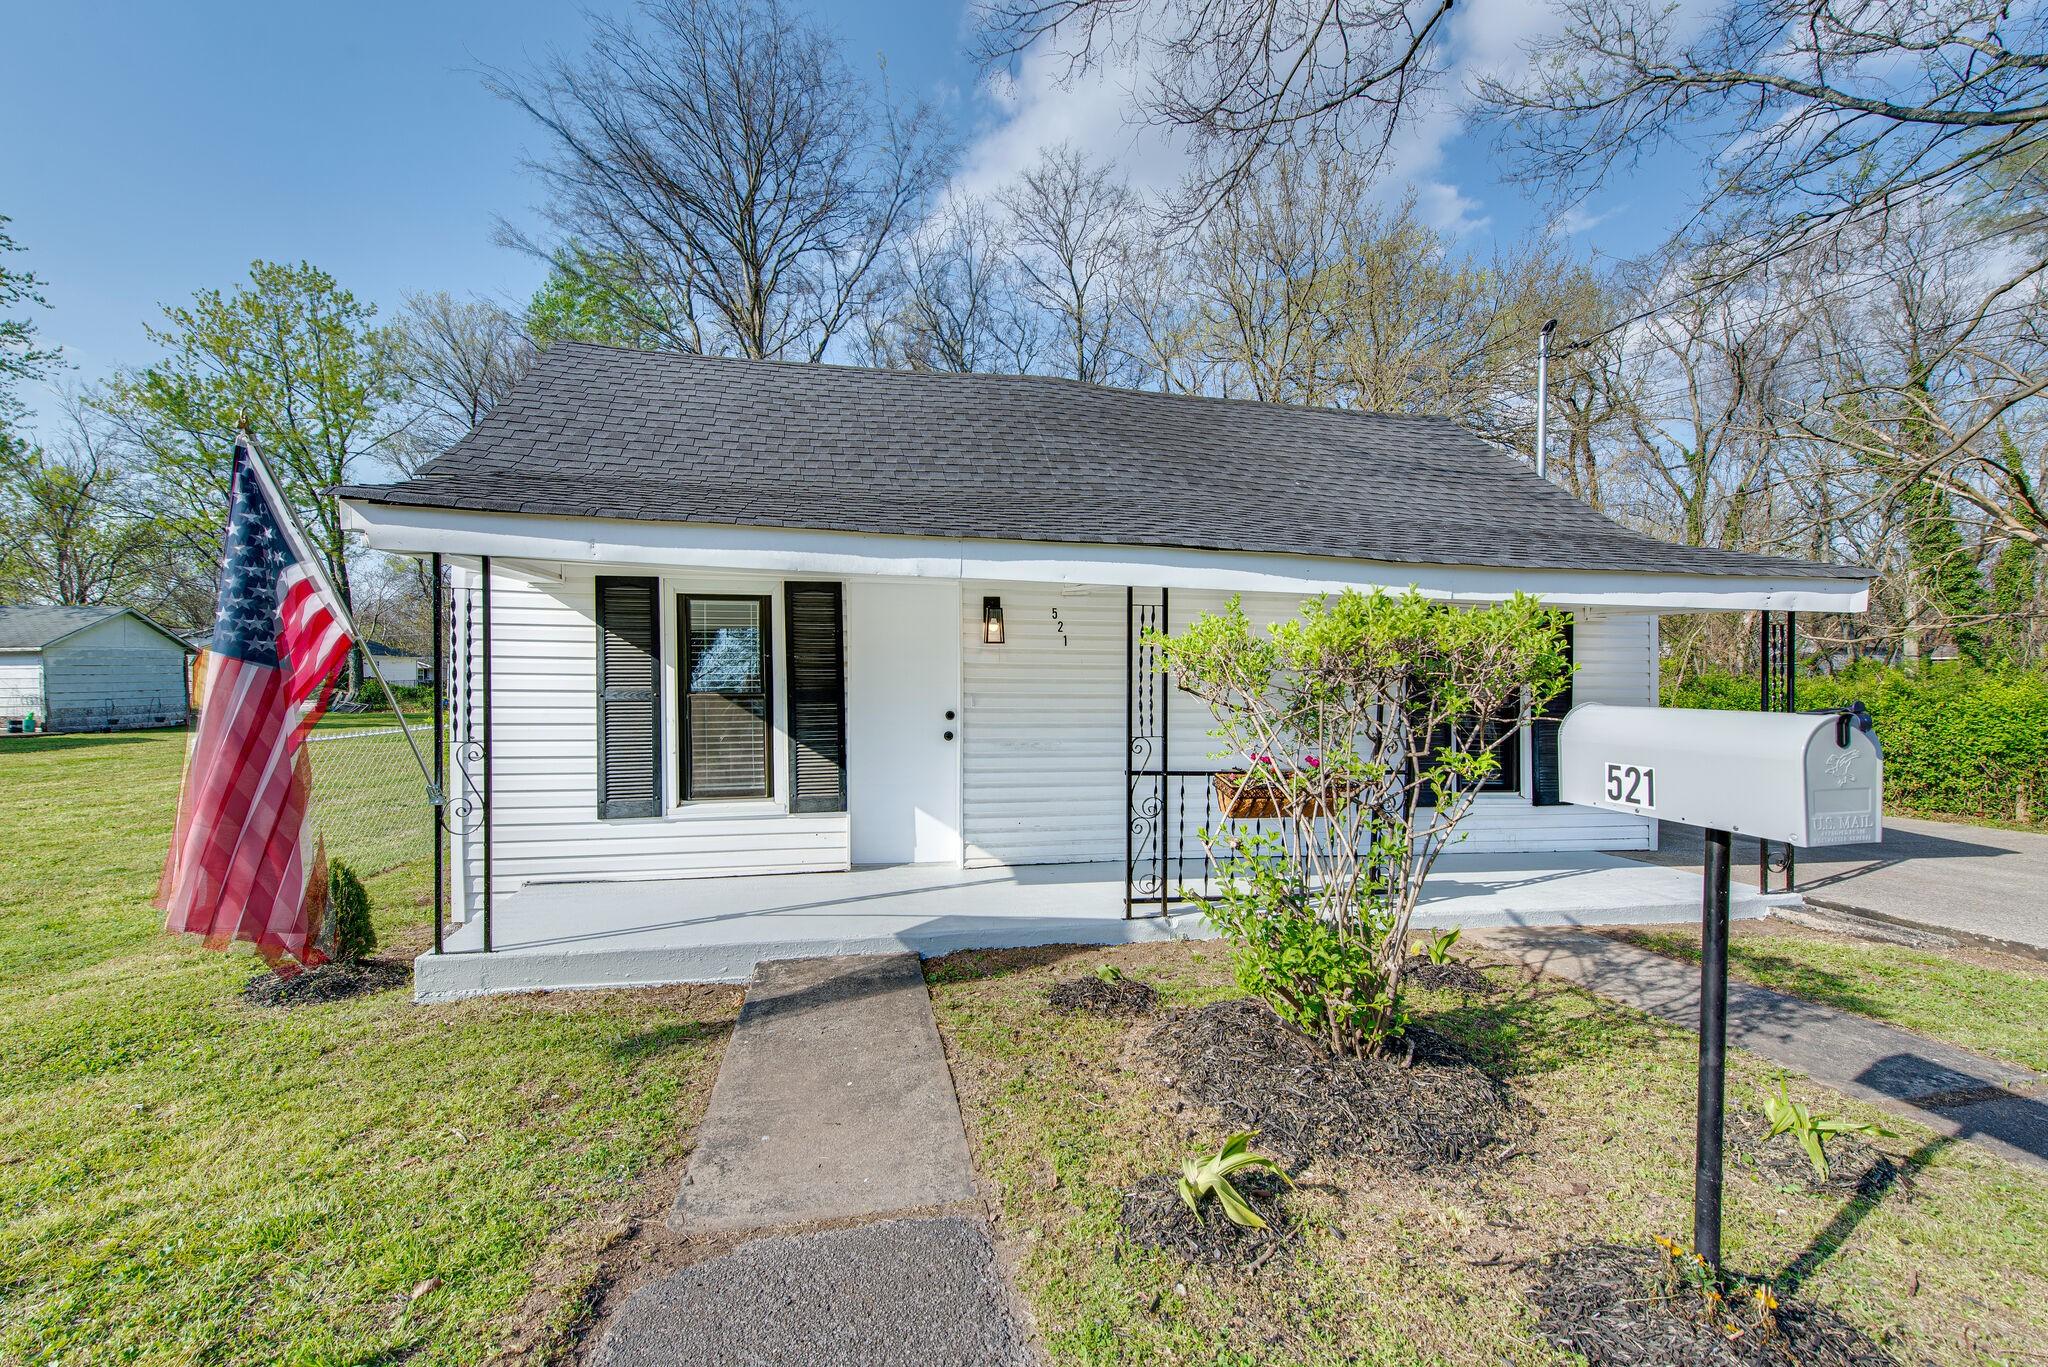 521 Reid Ave Property Photo